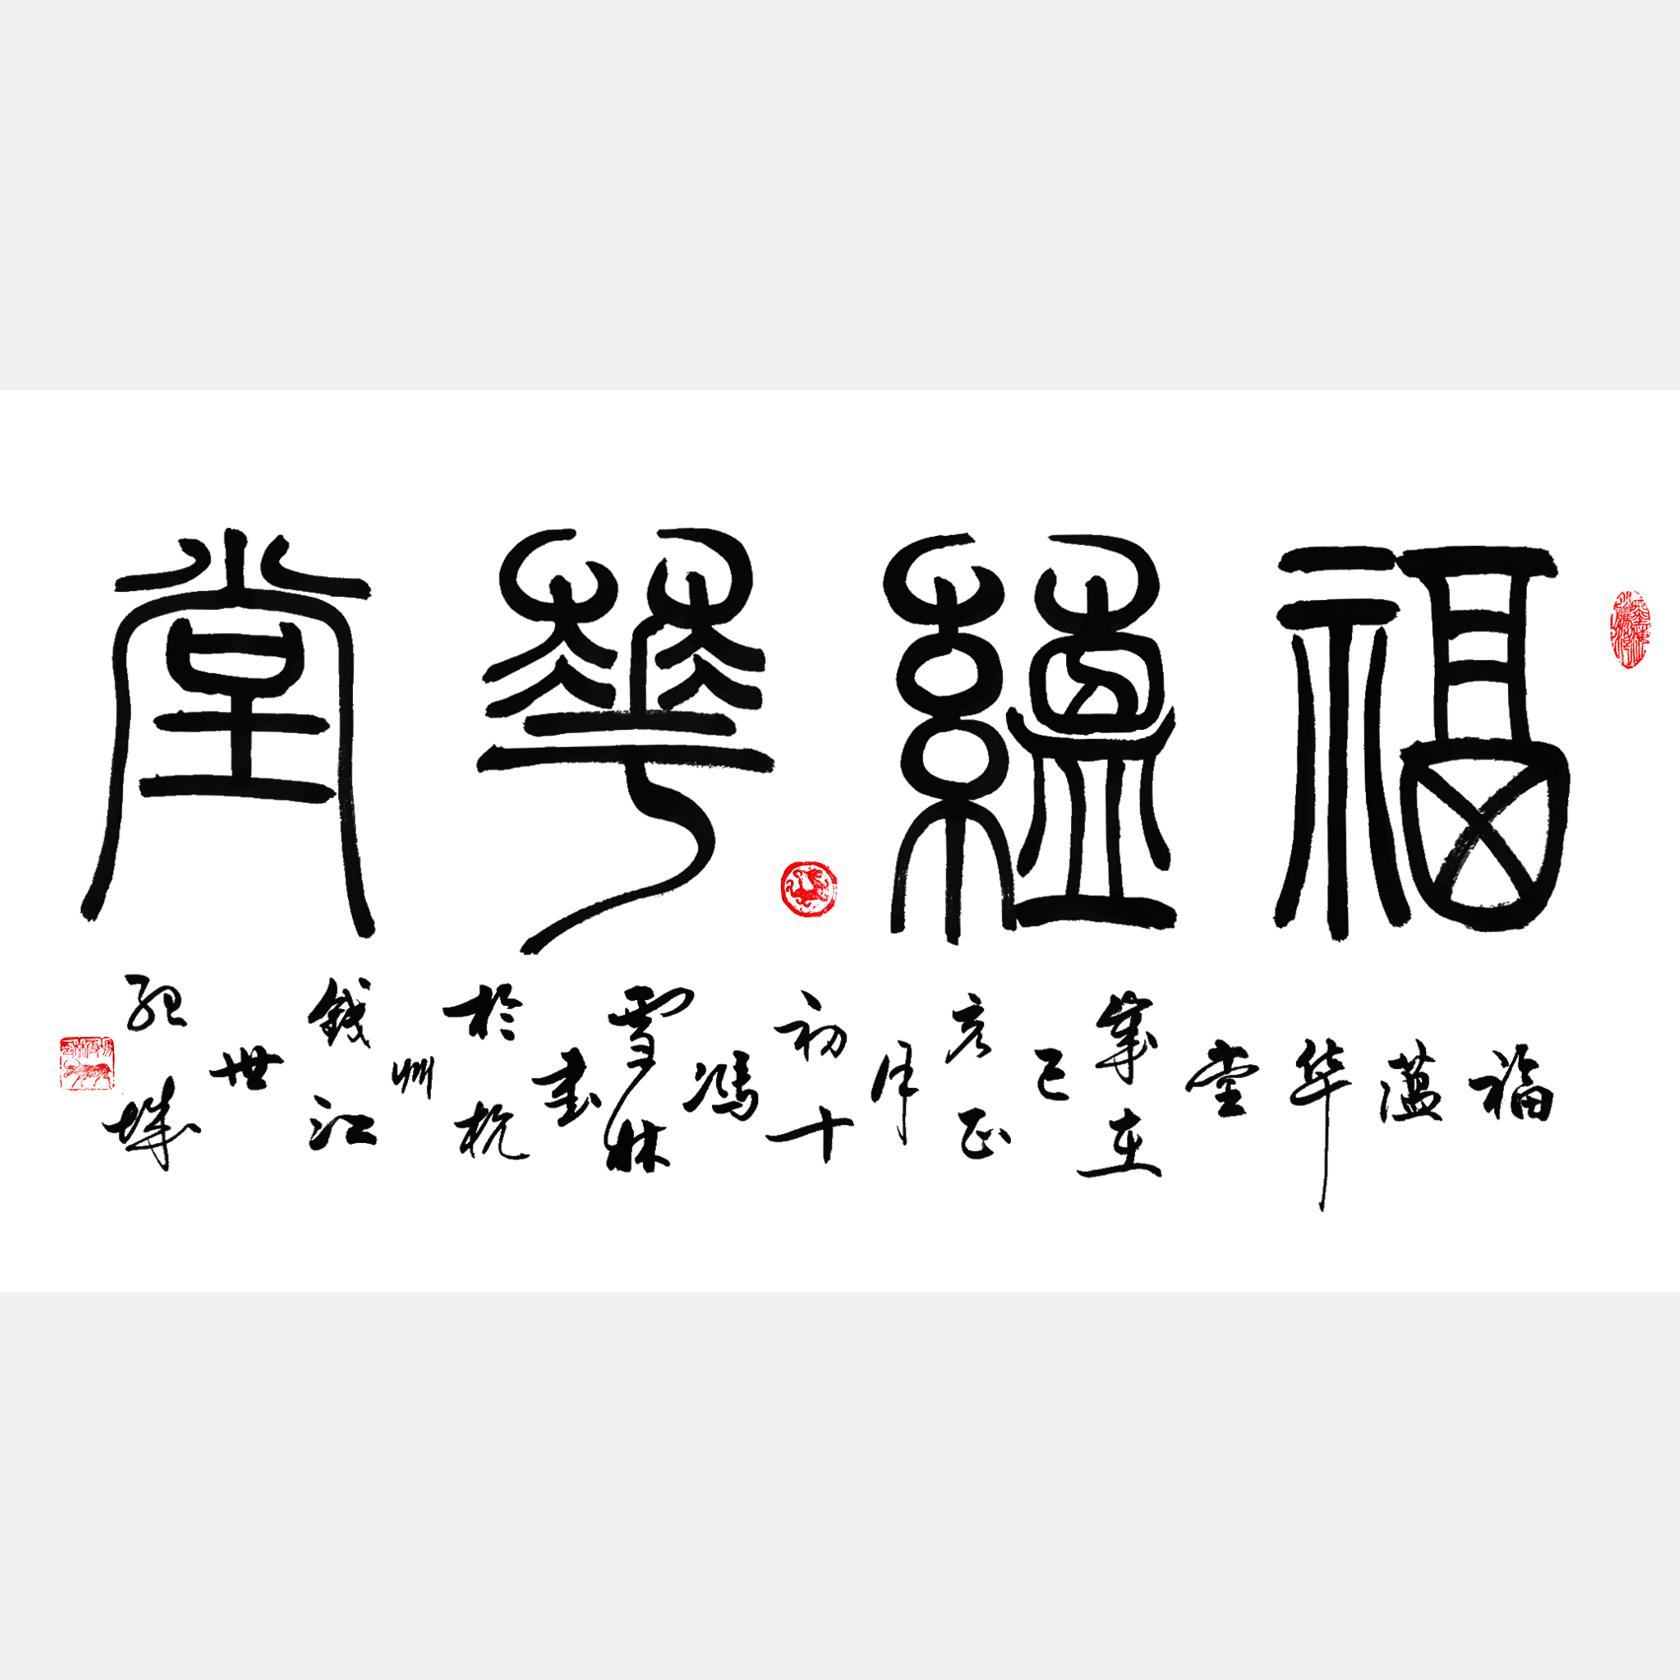 福蕴华堂书法作品 篆书书法作品 客厅字画 福字书法